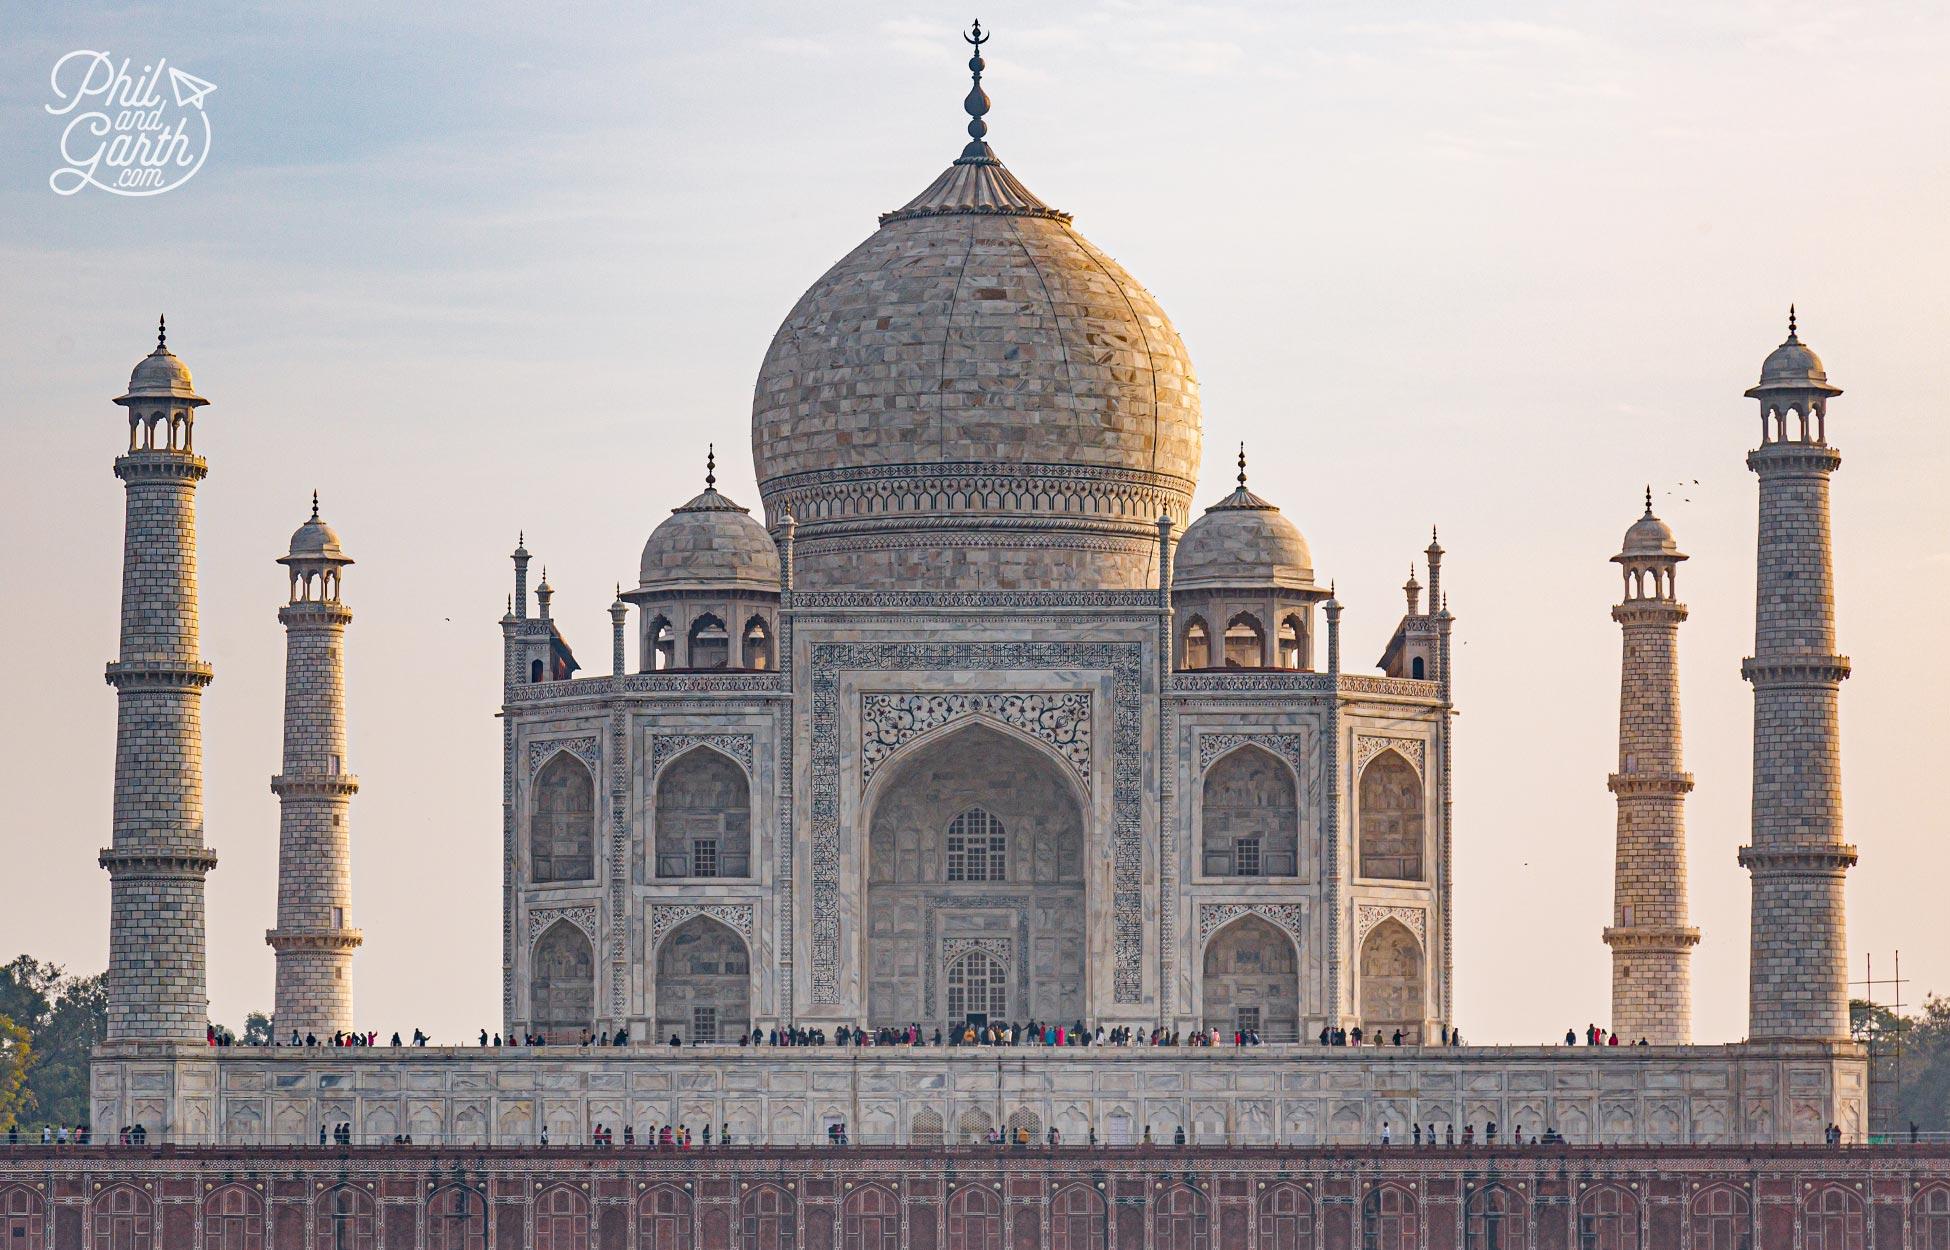 The fabulous Taj Mahal - Thejewel in India's crown